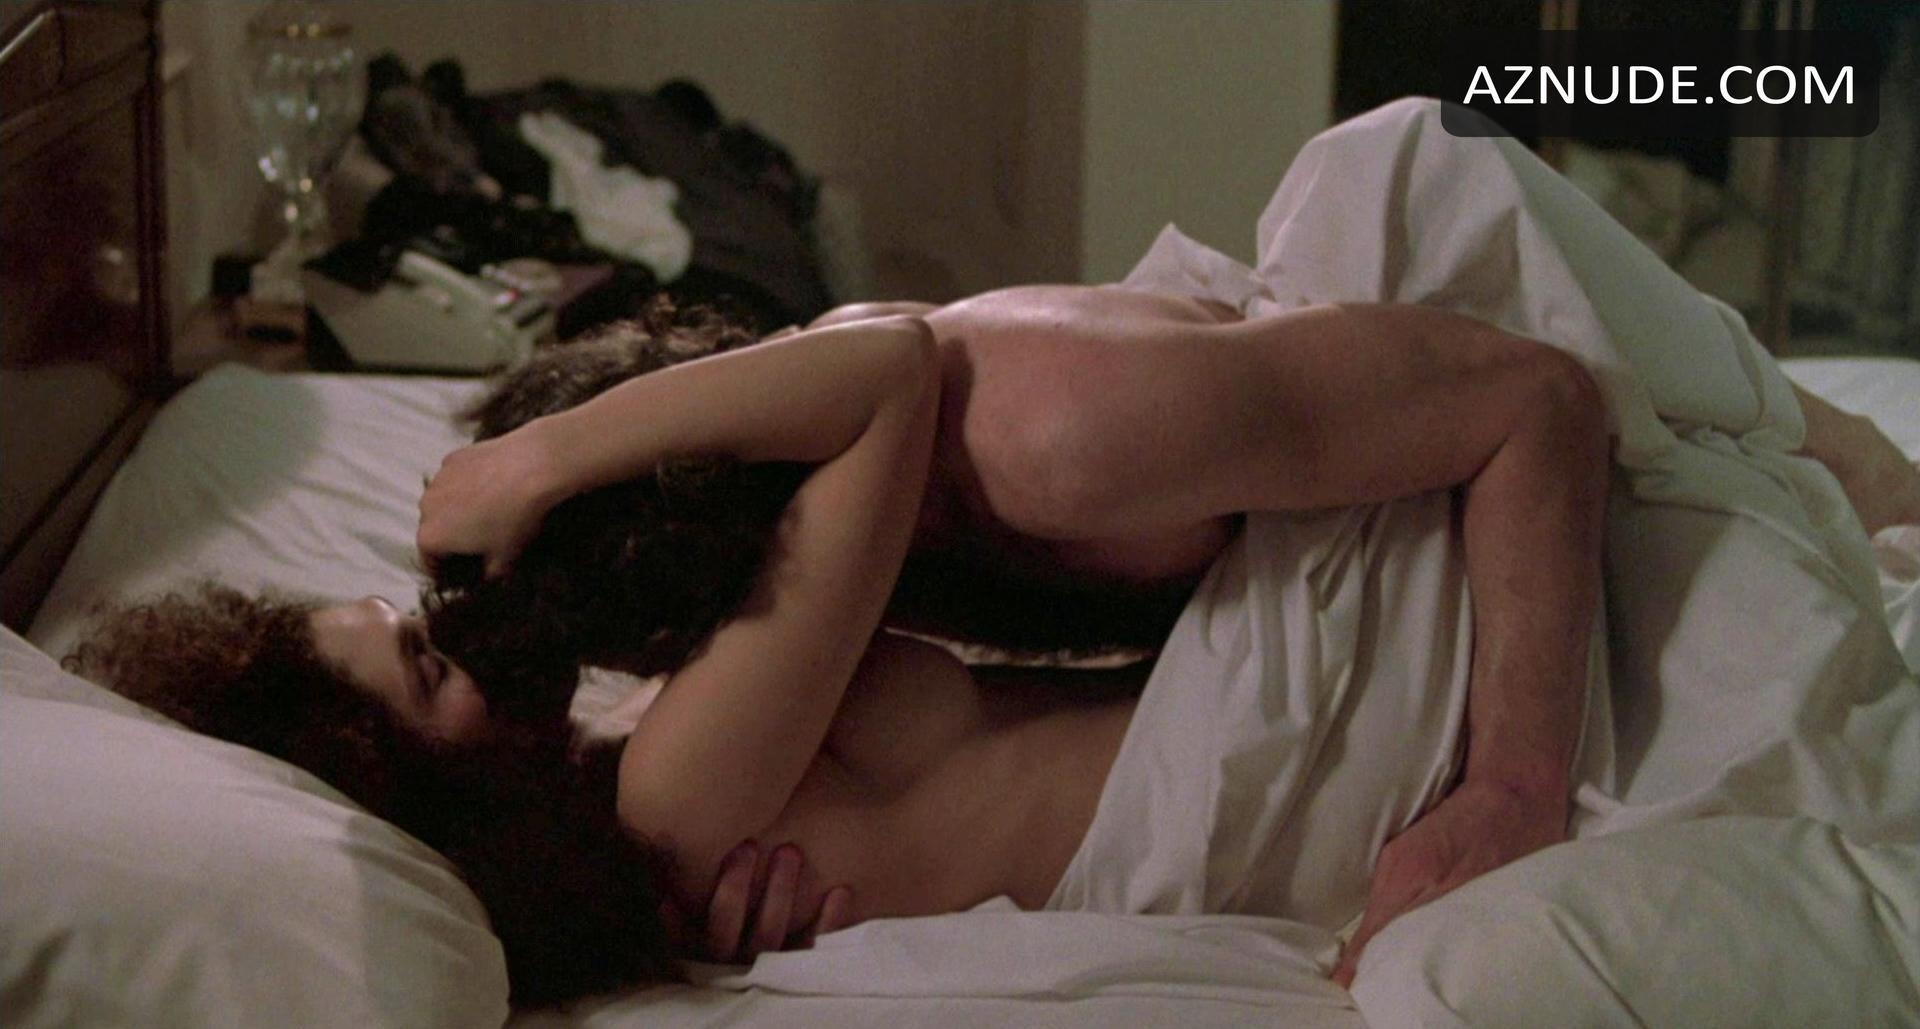 Has Mary Elizabeth Mastrantonio Ever Been Nude